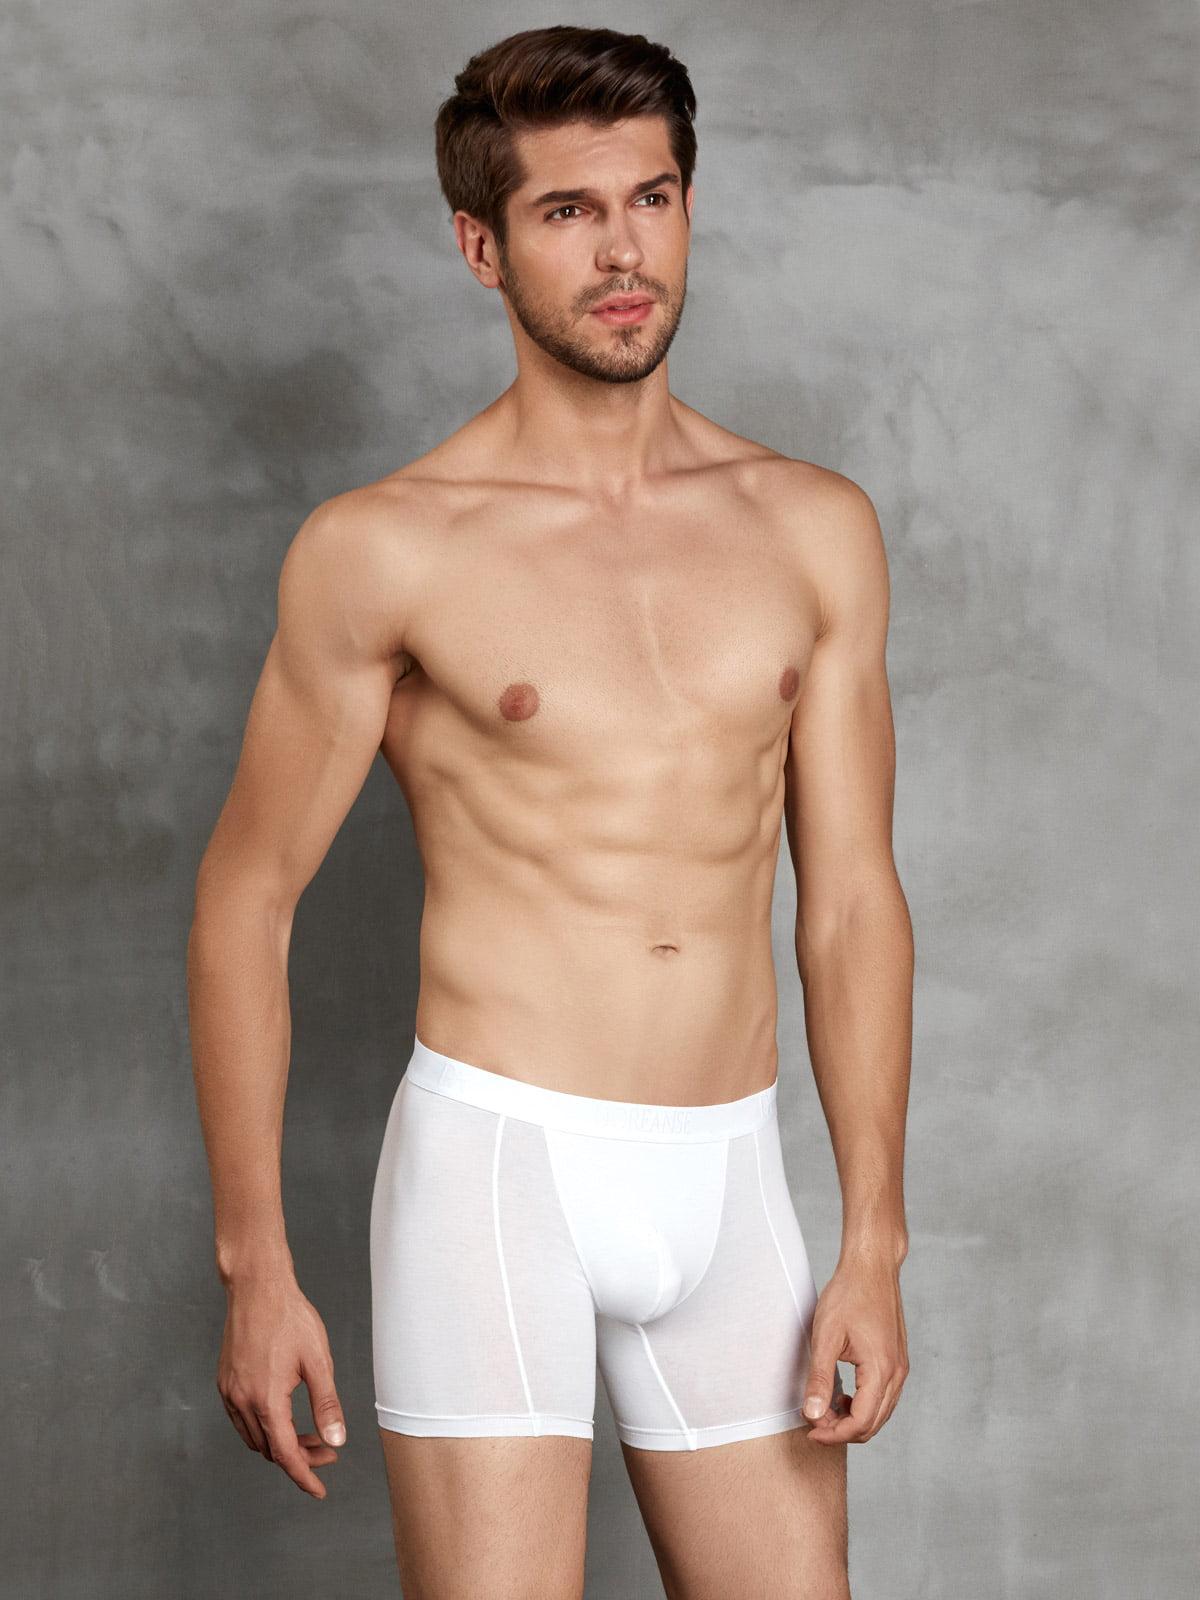 модели мужского белья фото нужно для